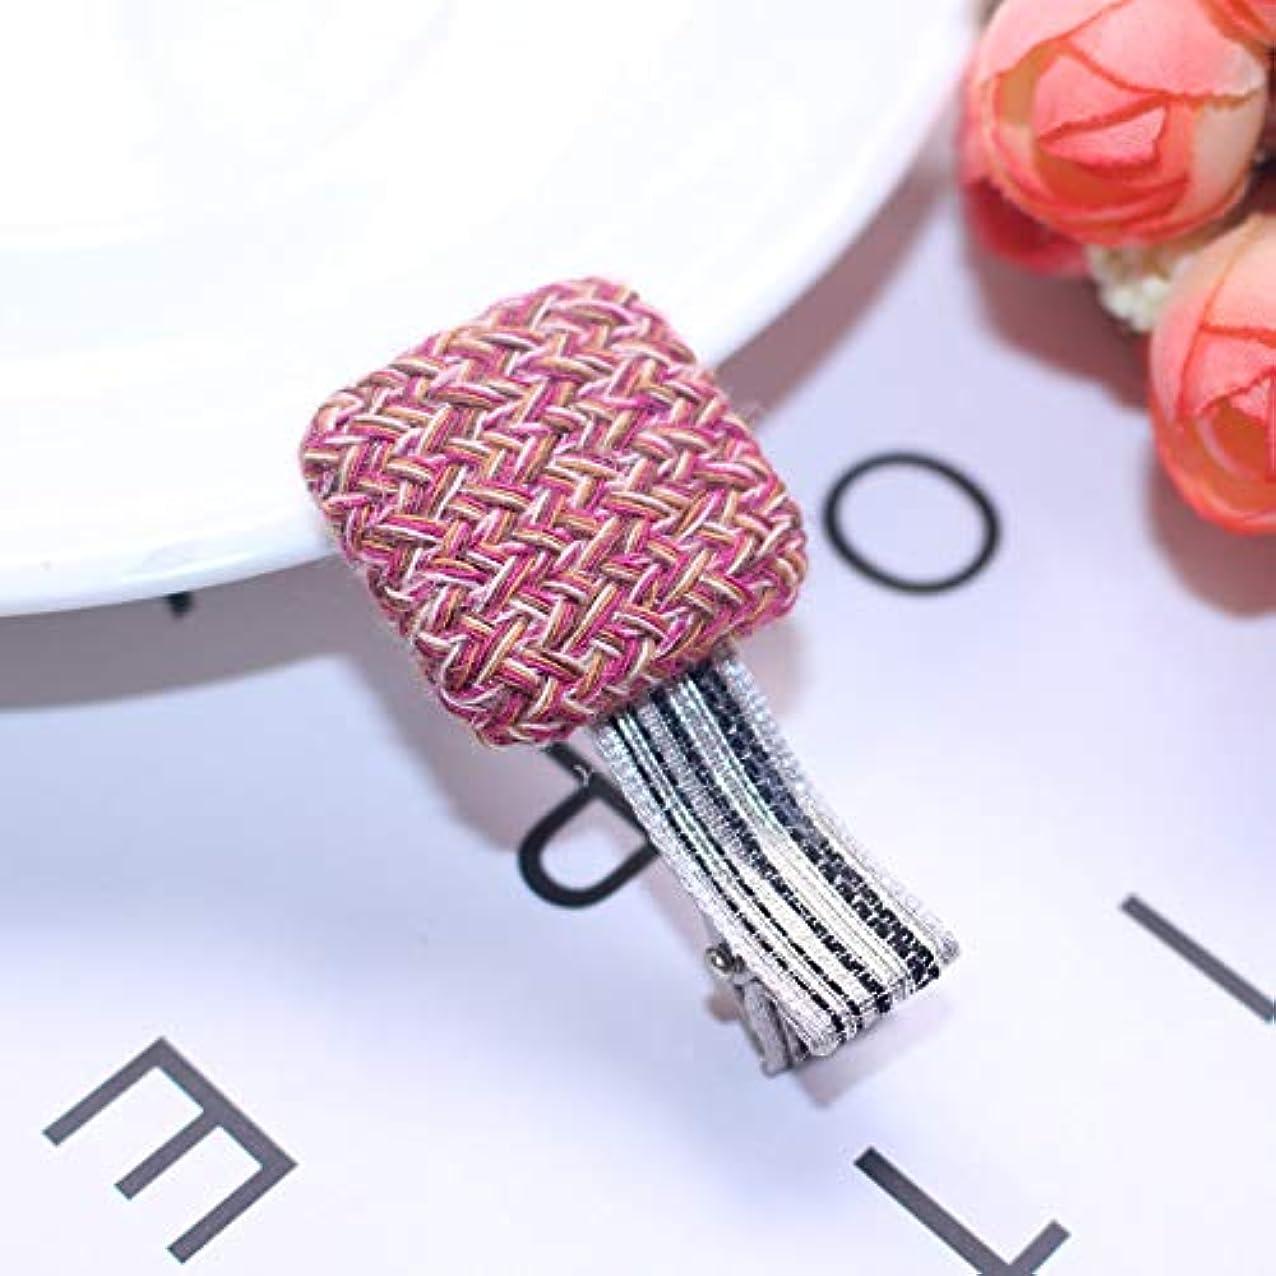 インポート喜び朝HuaQingPiJu-JP ファッションシンプルなボタンの子供のヘアピン便利なヘアクリップ(ピンク)